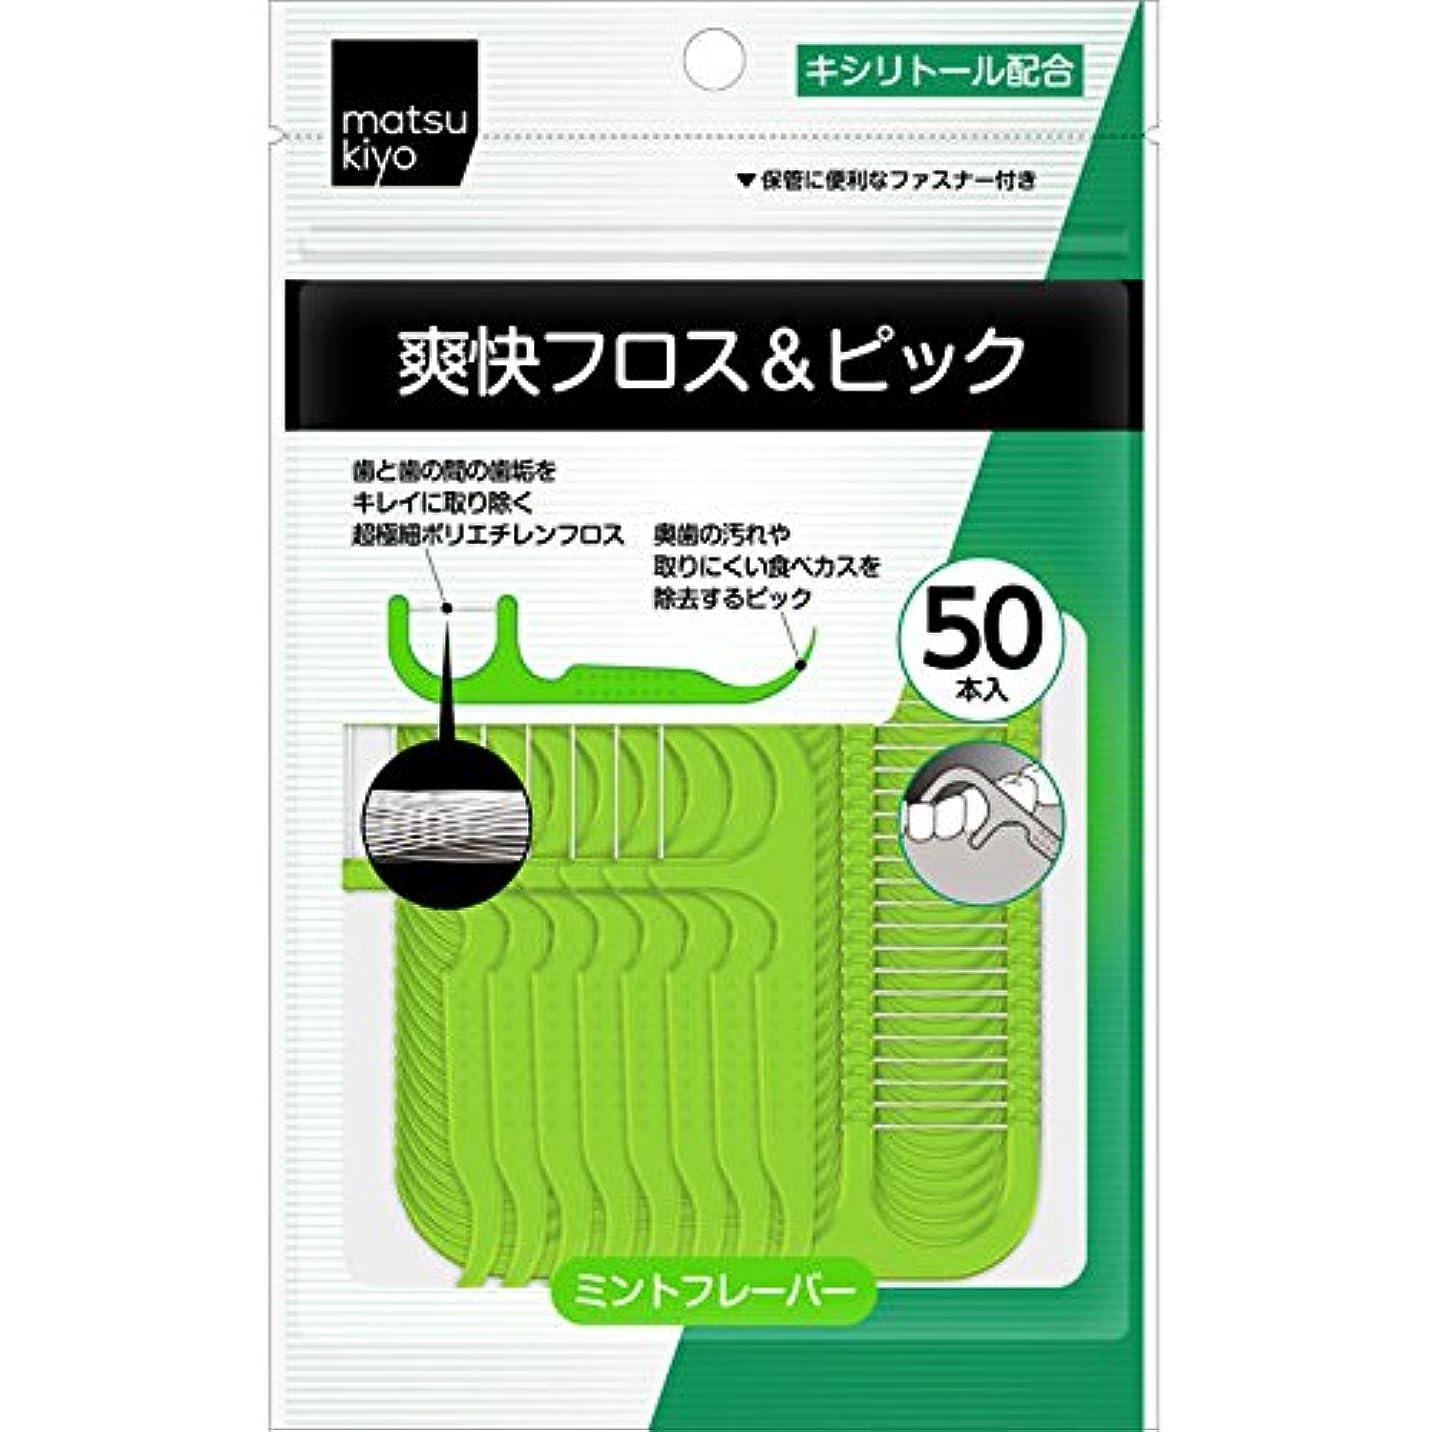 コーナー否認する教育学matsukiyo 爽快フロス&ピック 50本